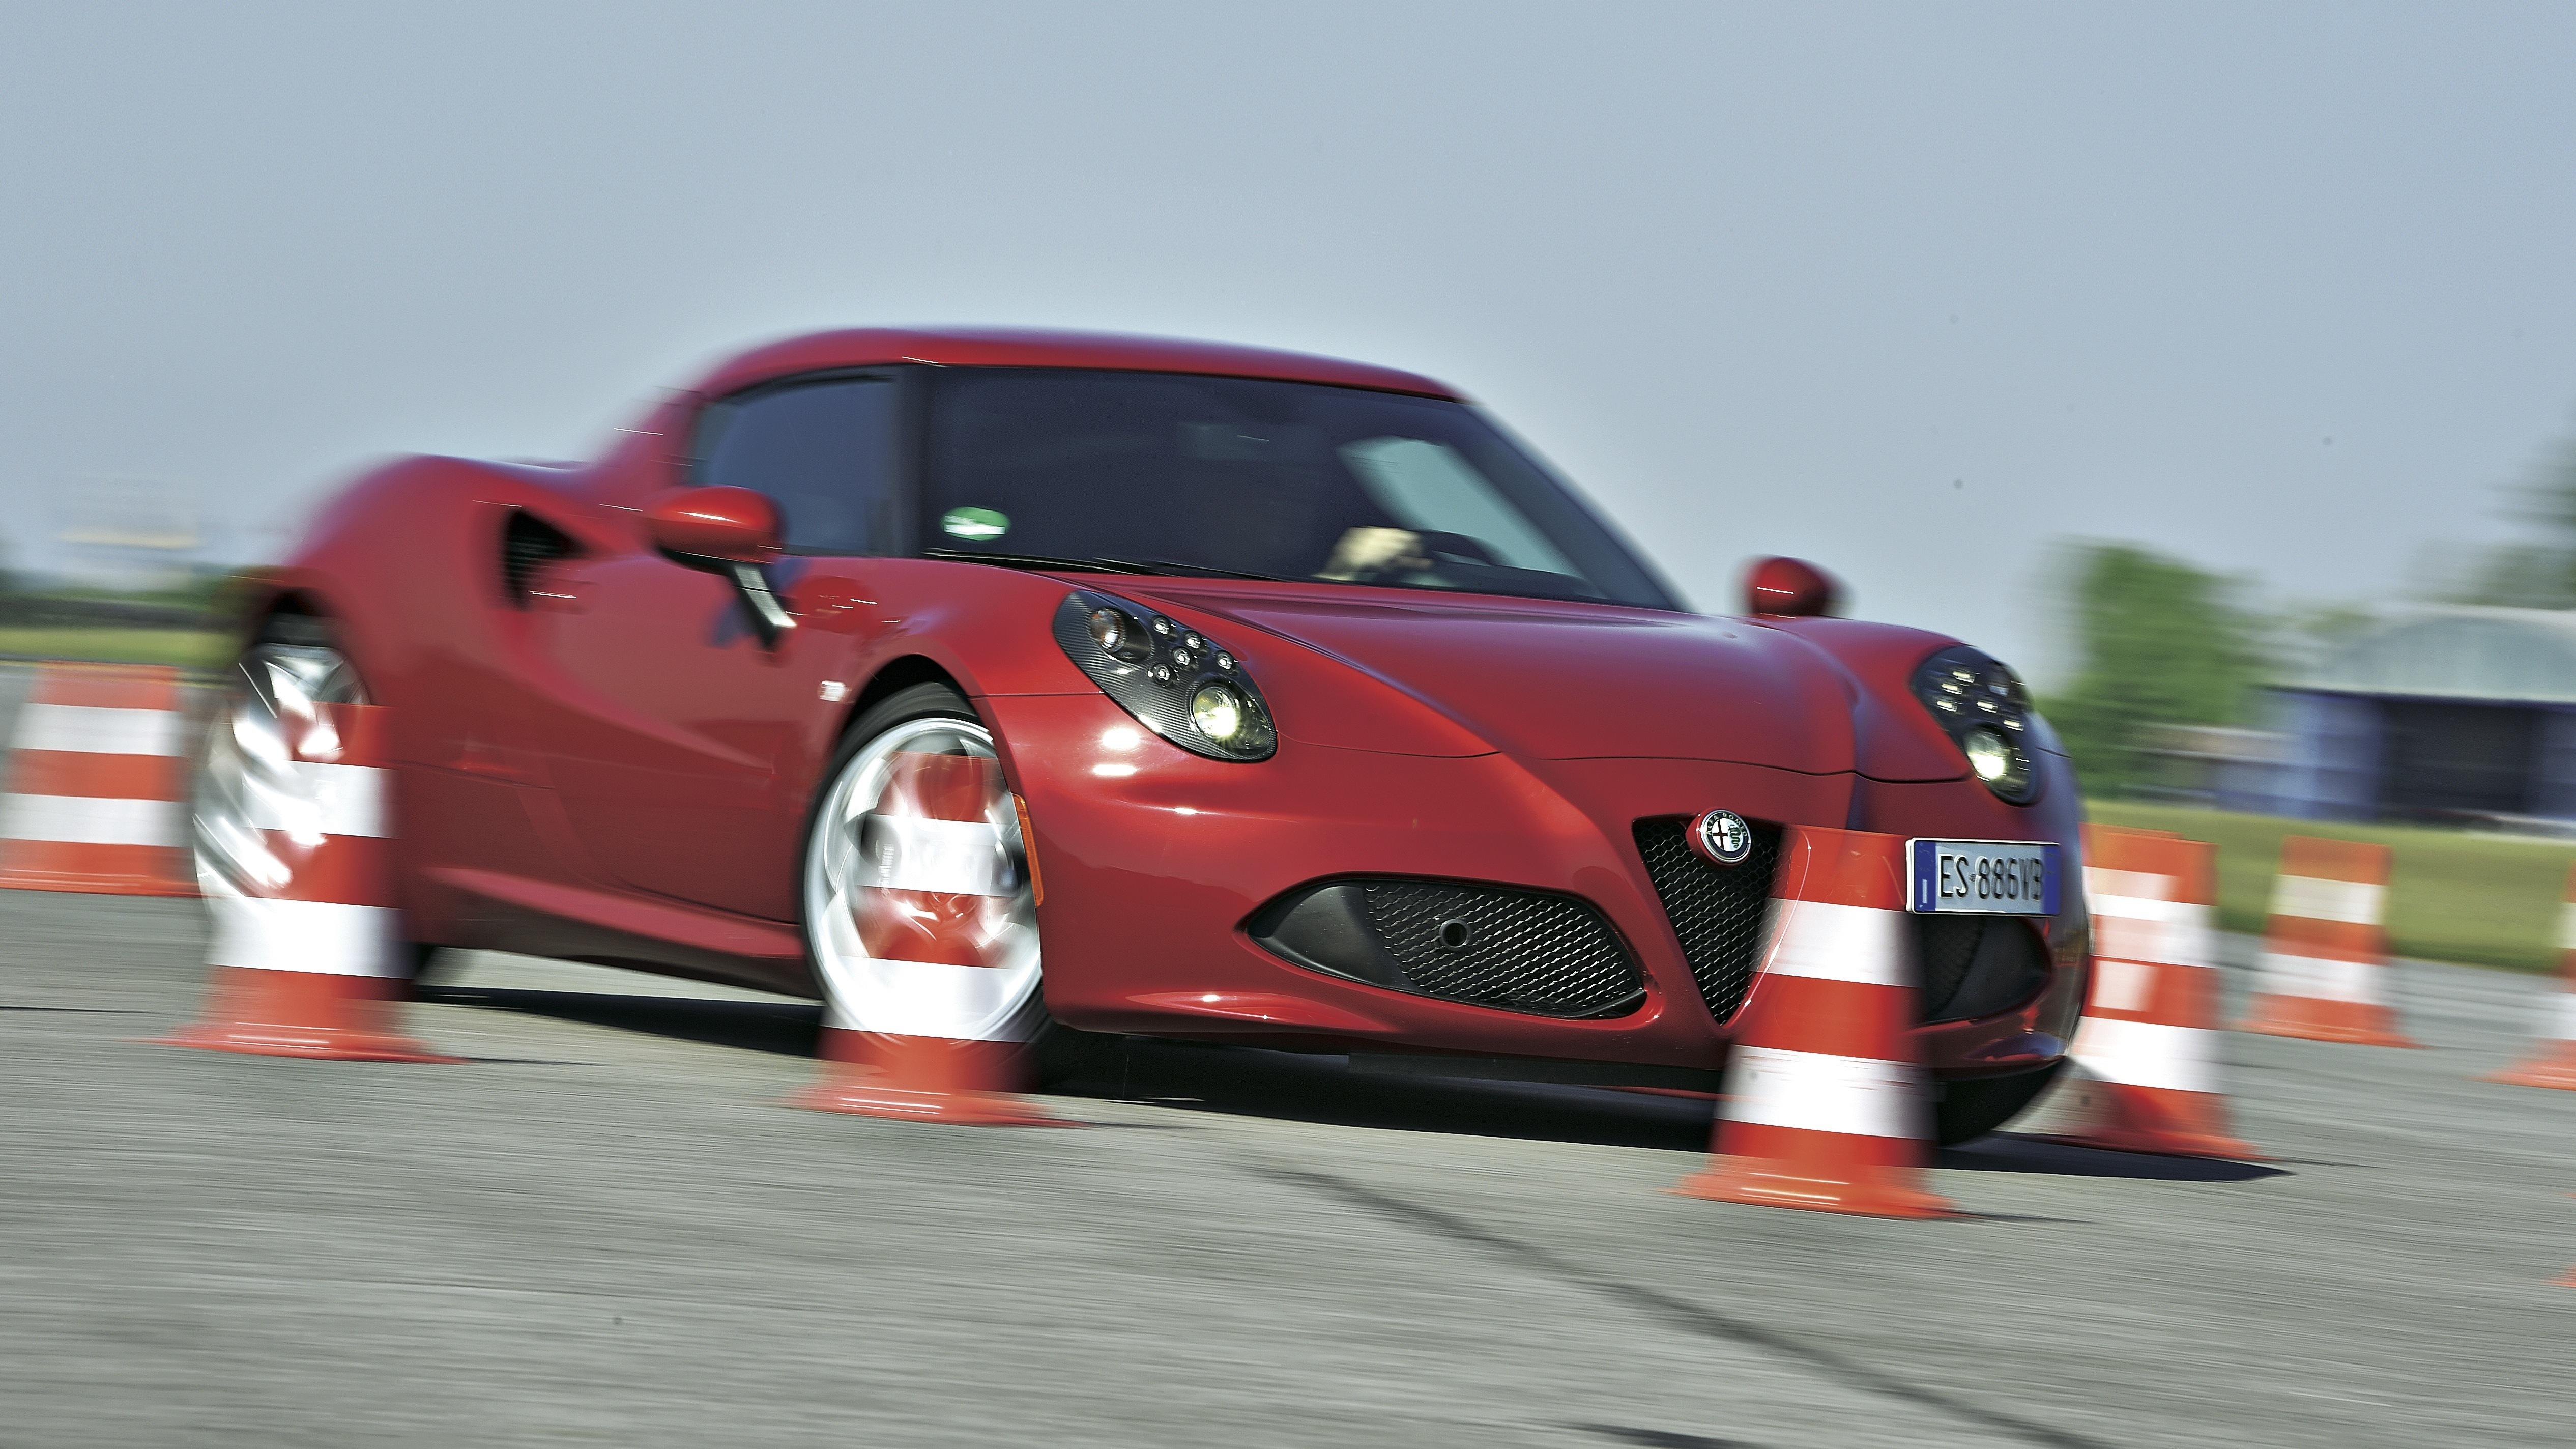 Alfa Romeo 4C włoski przedmot pożądania